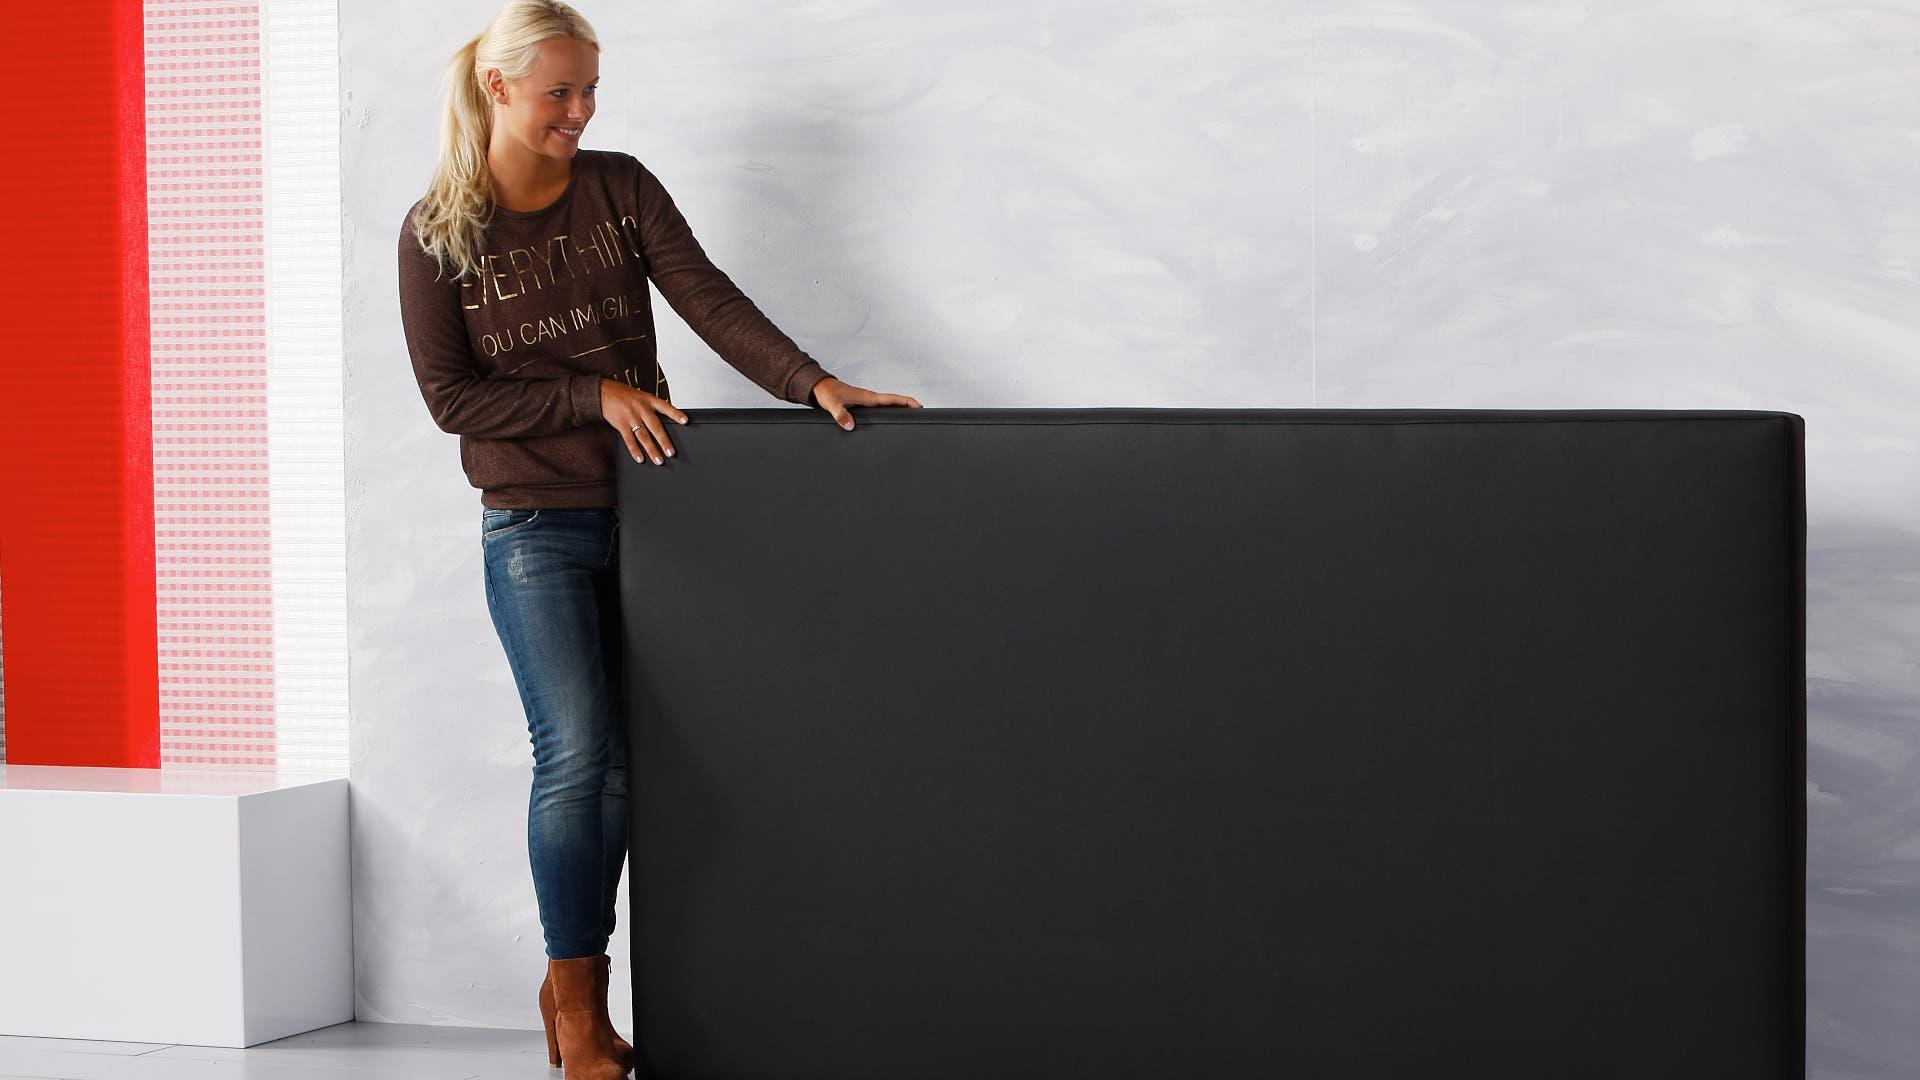 wasserbett luxus stellen sie ihr eigenes wasserbett zusammen wasserbett xl. Black Bedroom Furniture Sets. Home Design Ideas